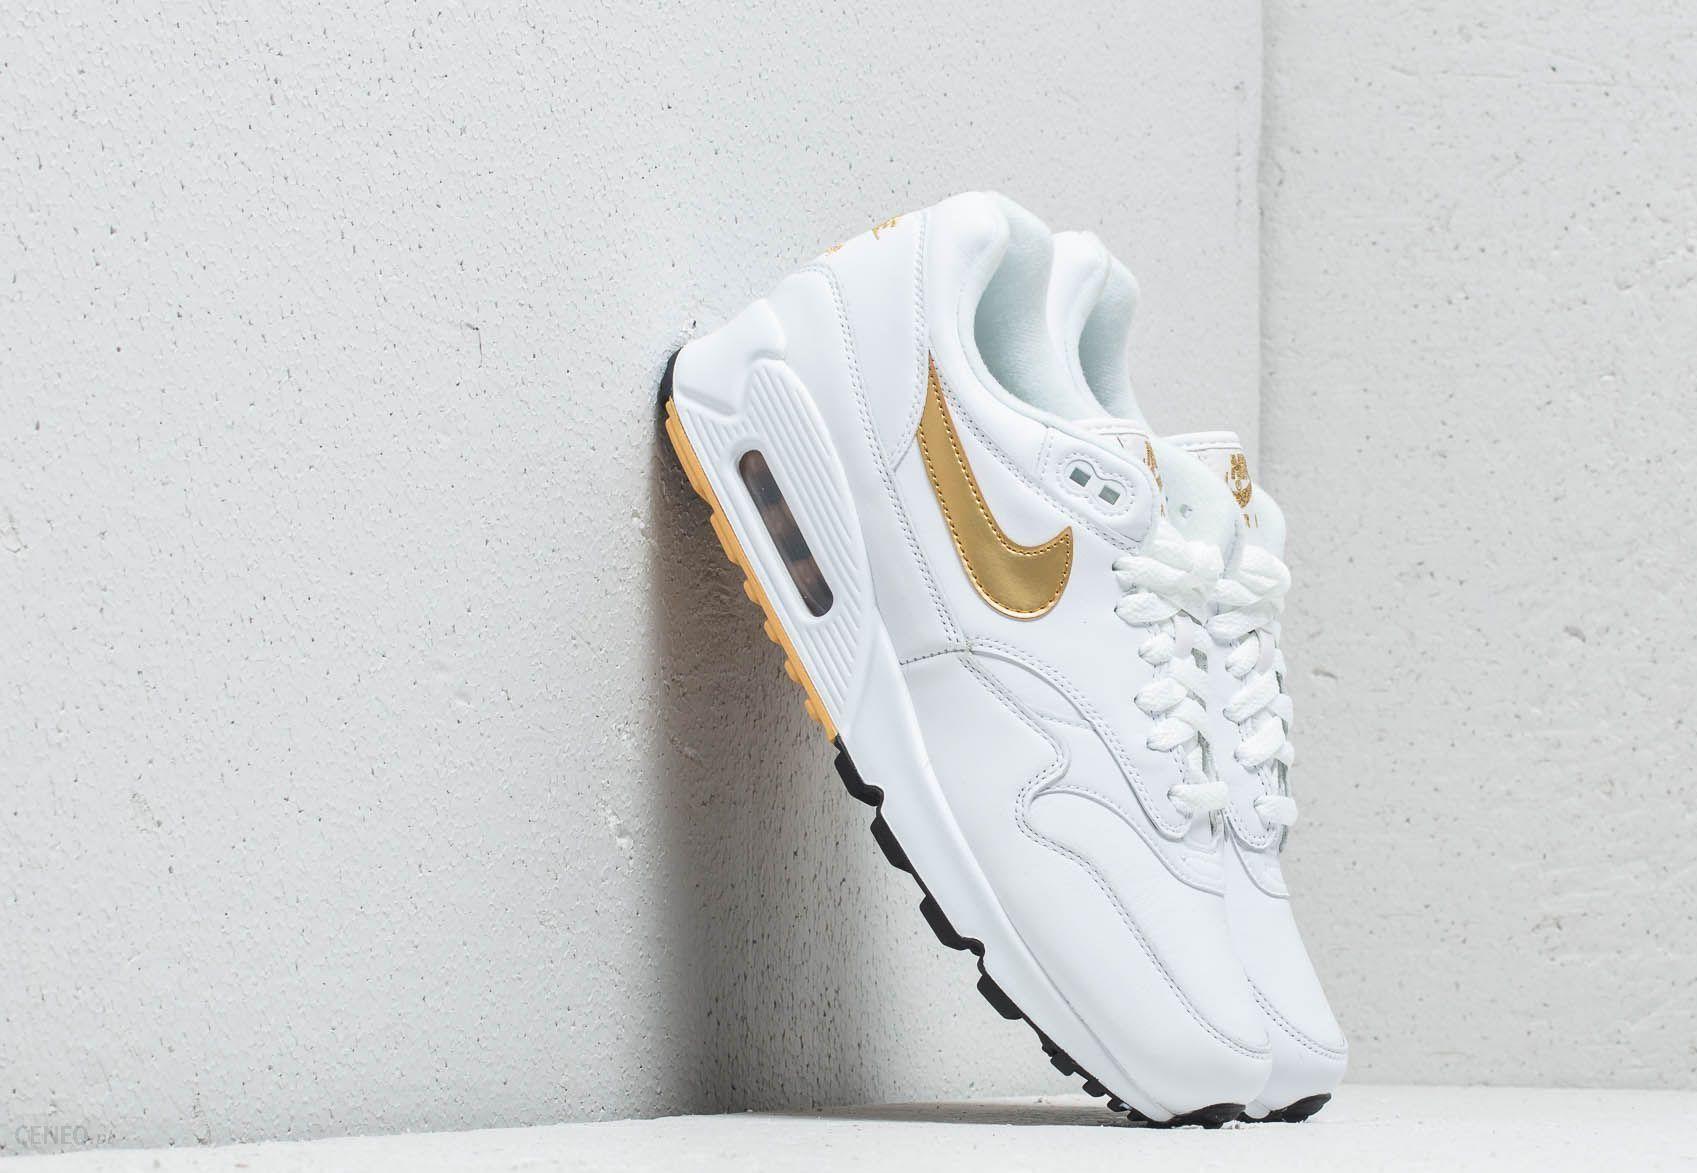 Nike Air Max 90 White oferty 2020 Ceneo.pl